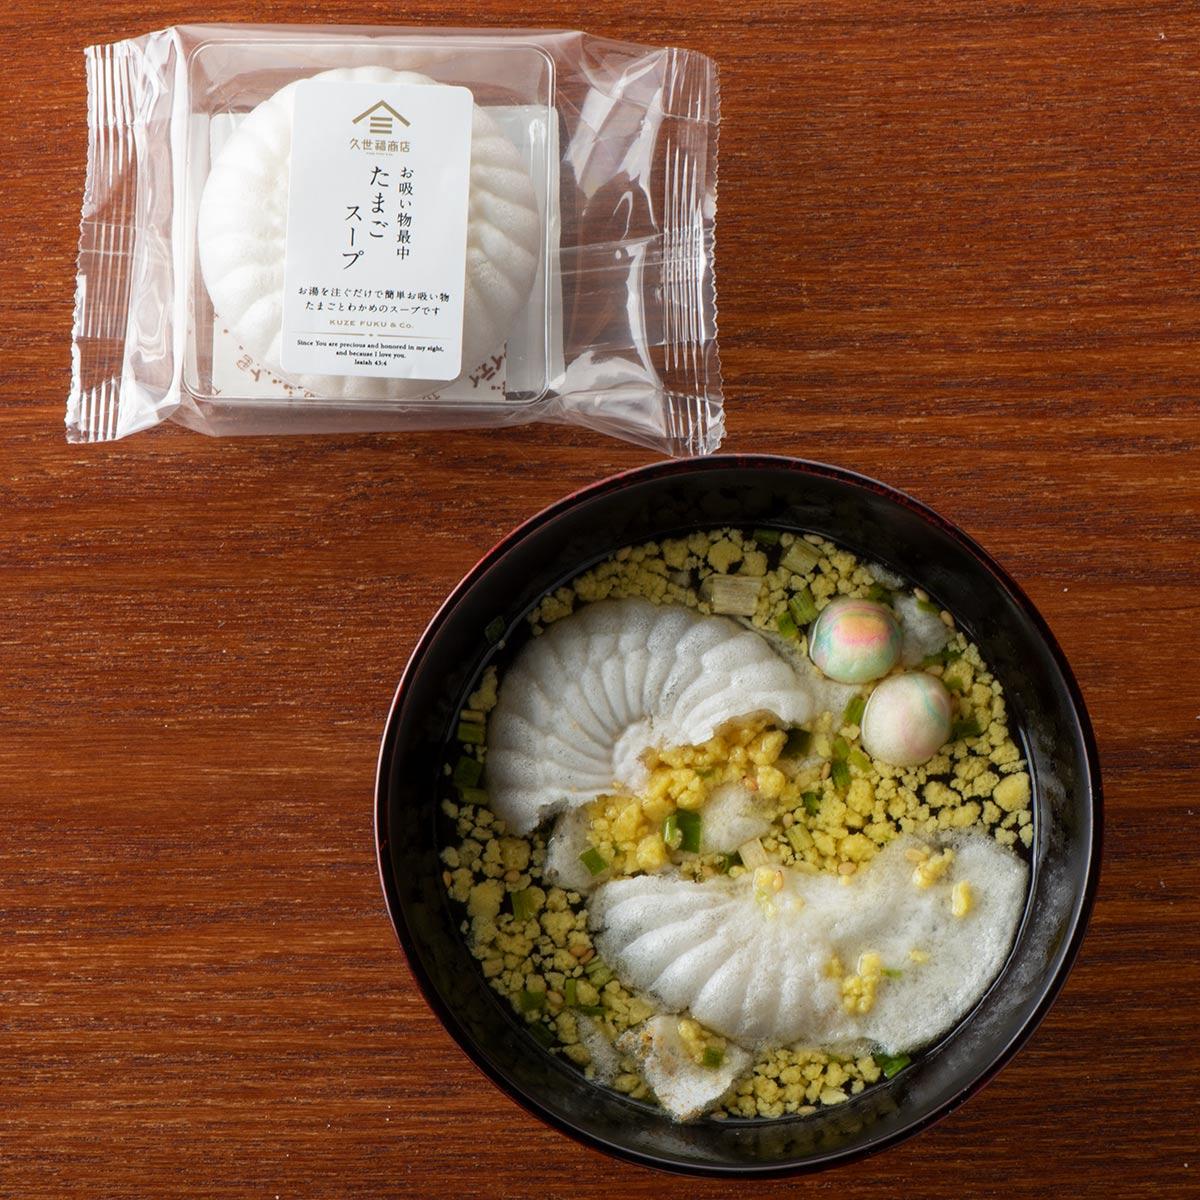 久世福商店のレトルト食品 お吸い物最中 たまごスープ 8g